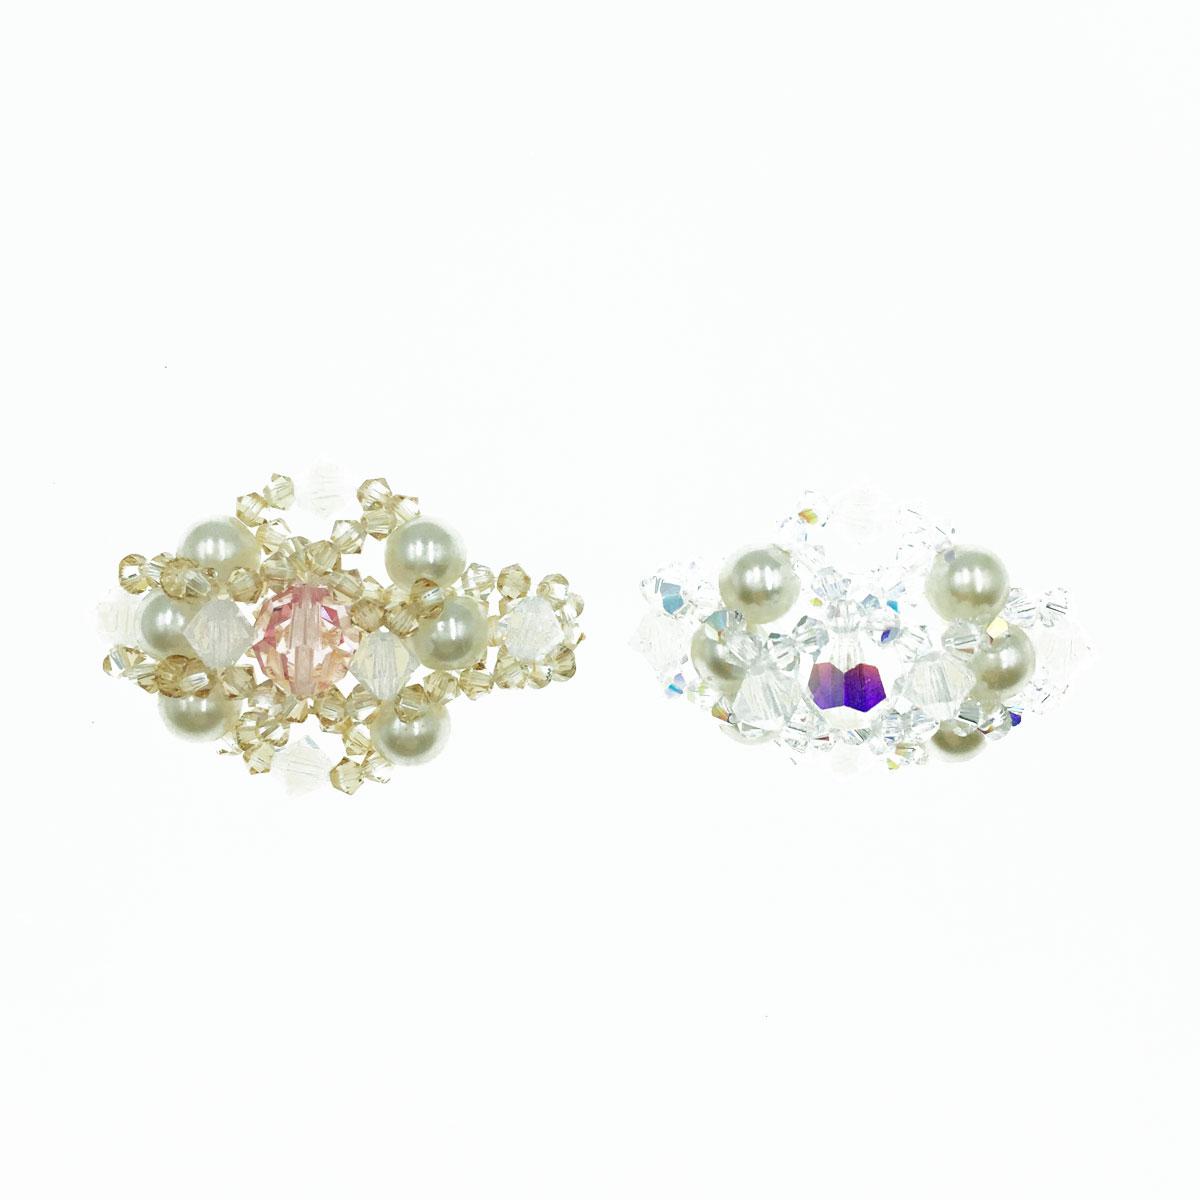 雙排珍珠 蛋白色 水晶 彈性線 戒指 採用施華洛世奇水晶元素 Crystals from Swarovski